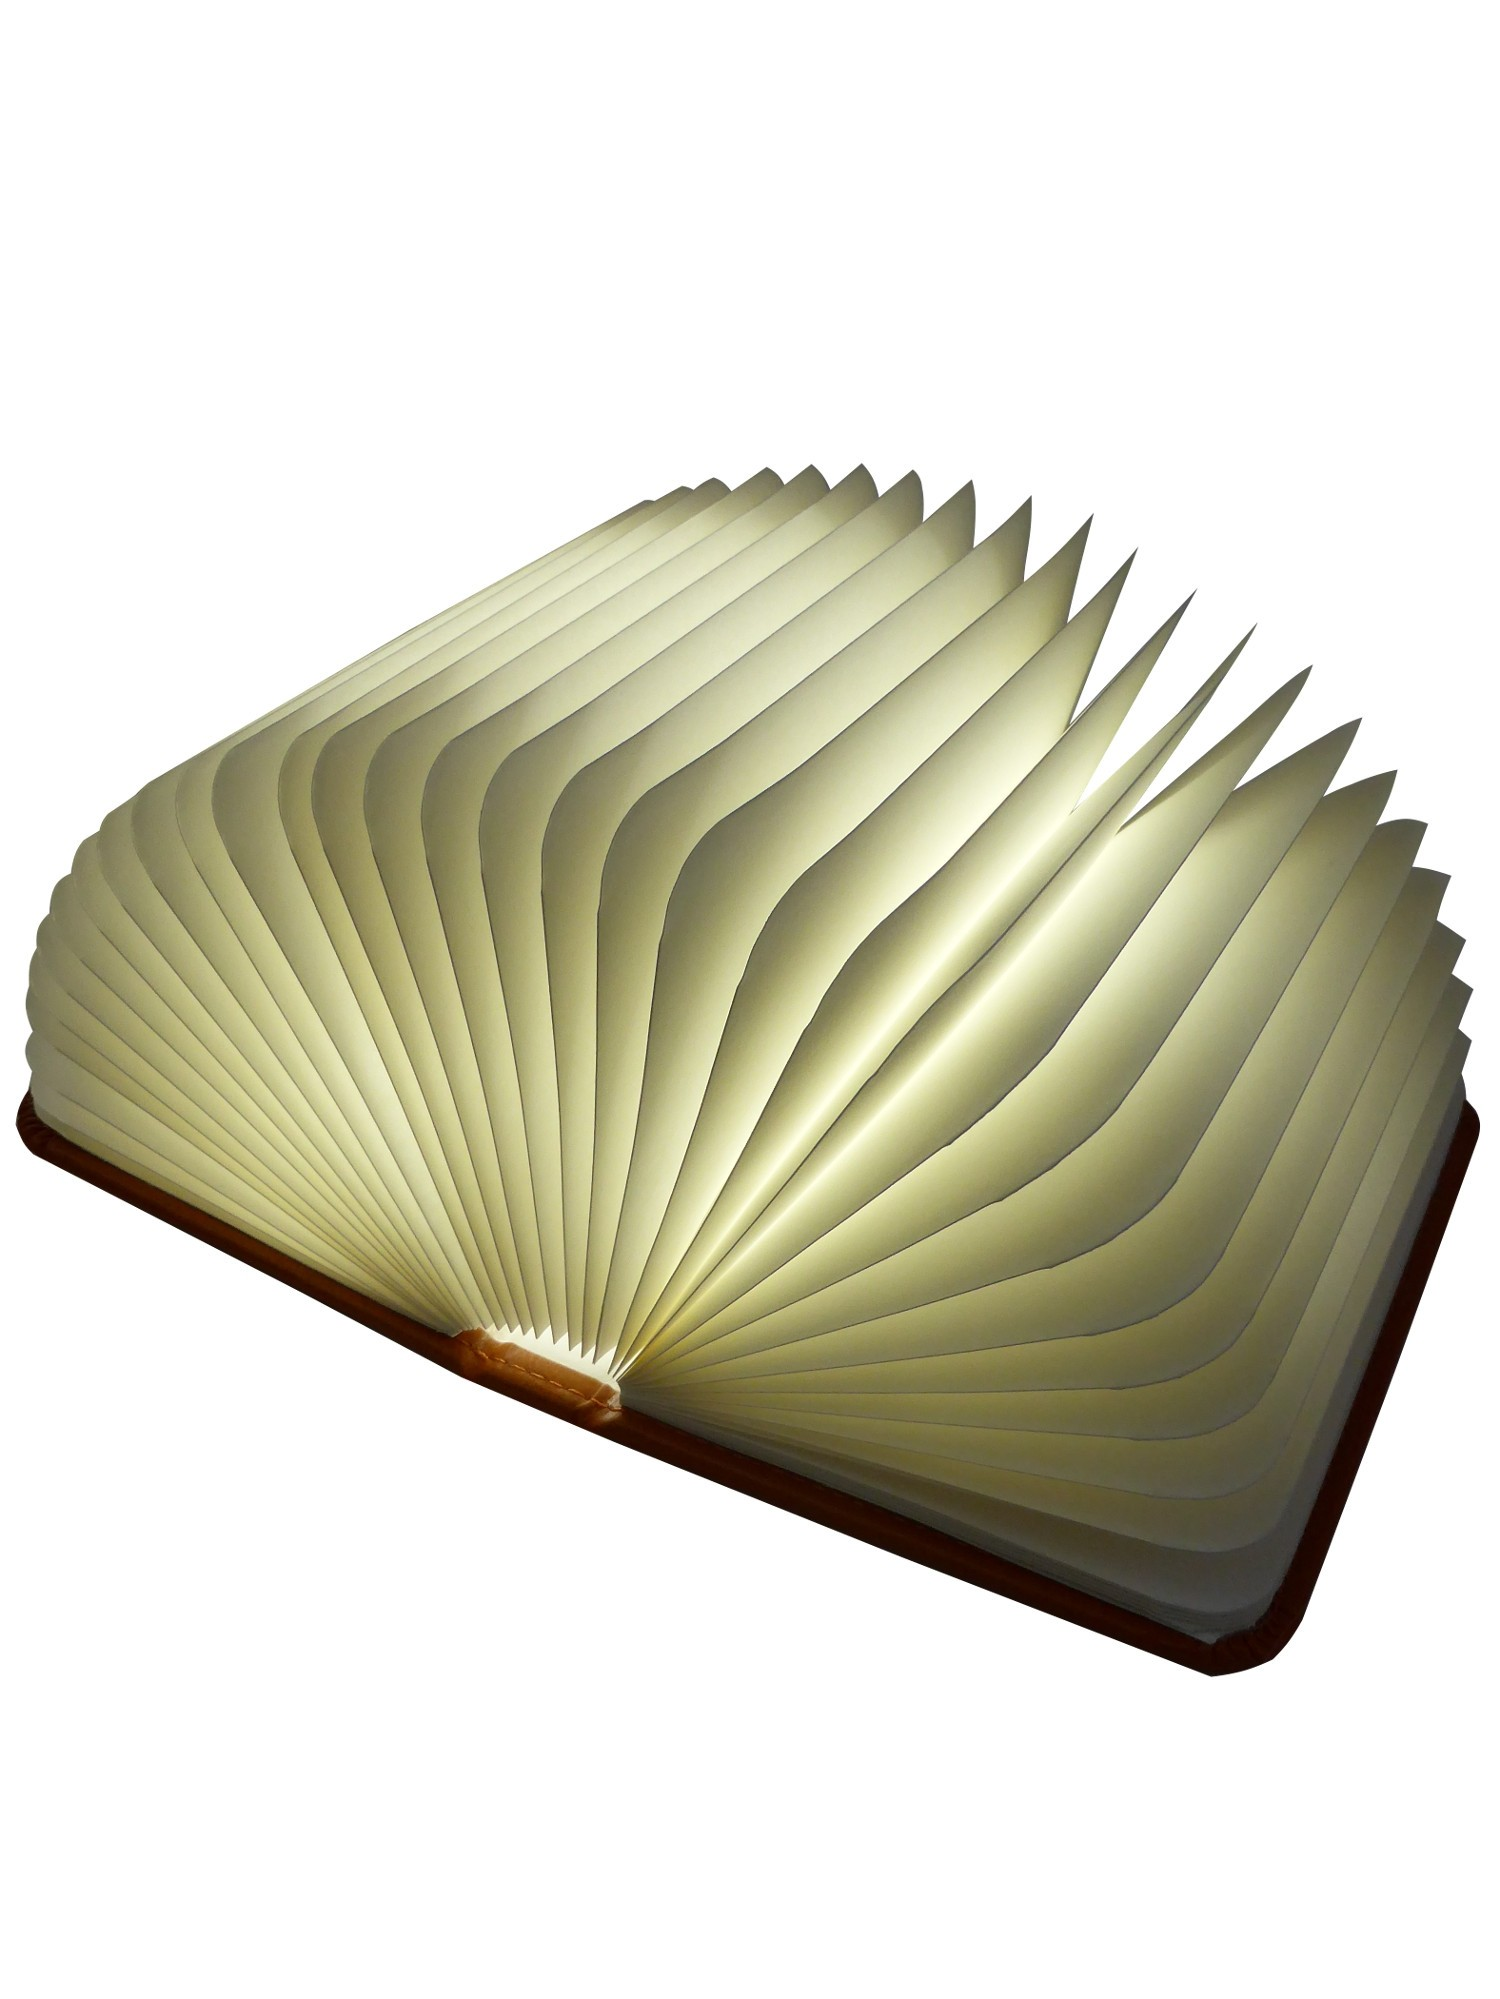 originelle designerlampe als buch eine bis zu 360 grad faltbares stimmungslicht. Black Bedroom Furniture Sets. Home Design Ideas